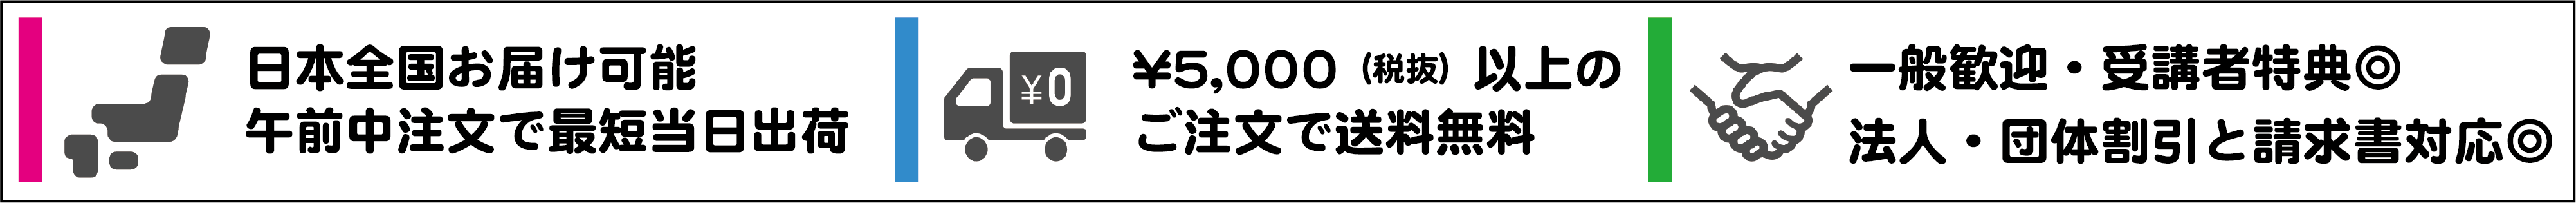 送料無料あす楽amazon全国配送